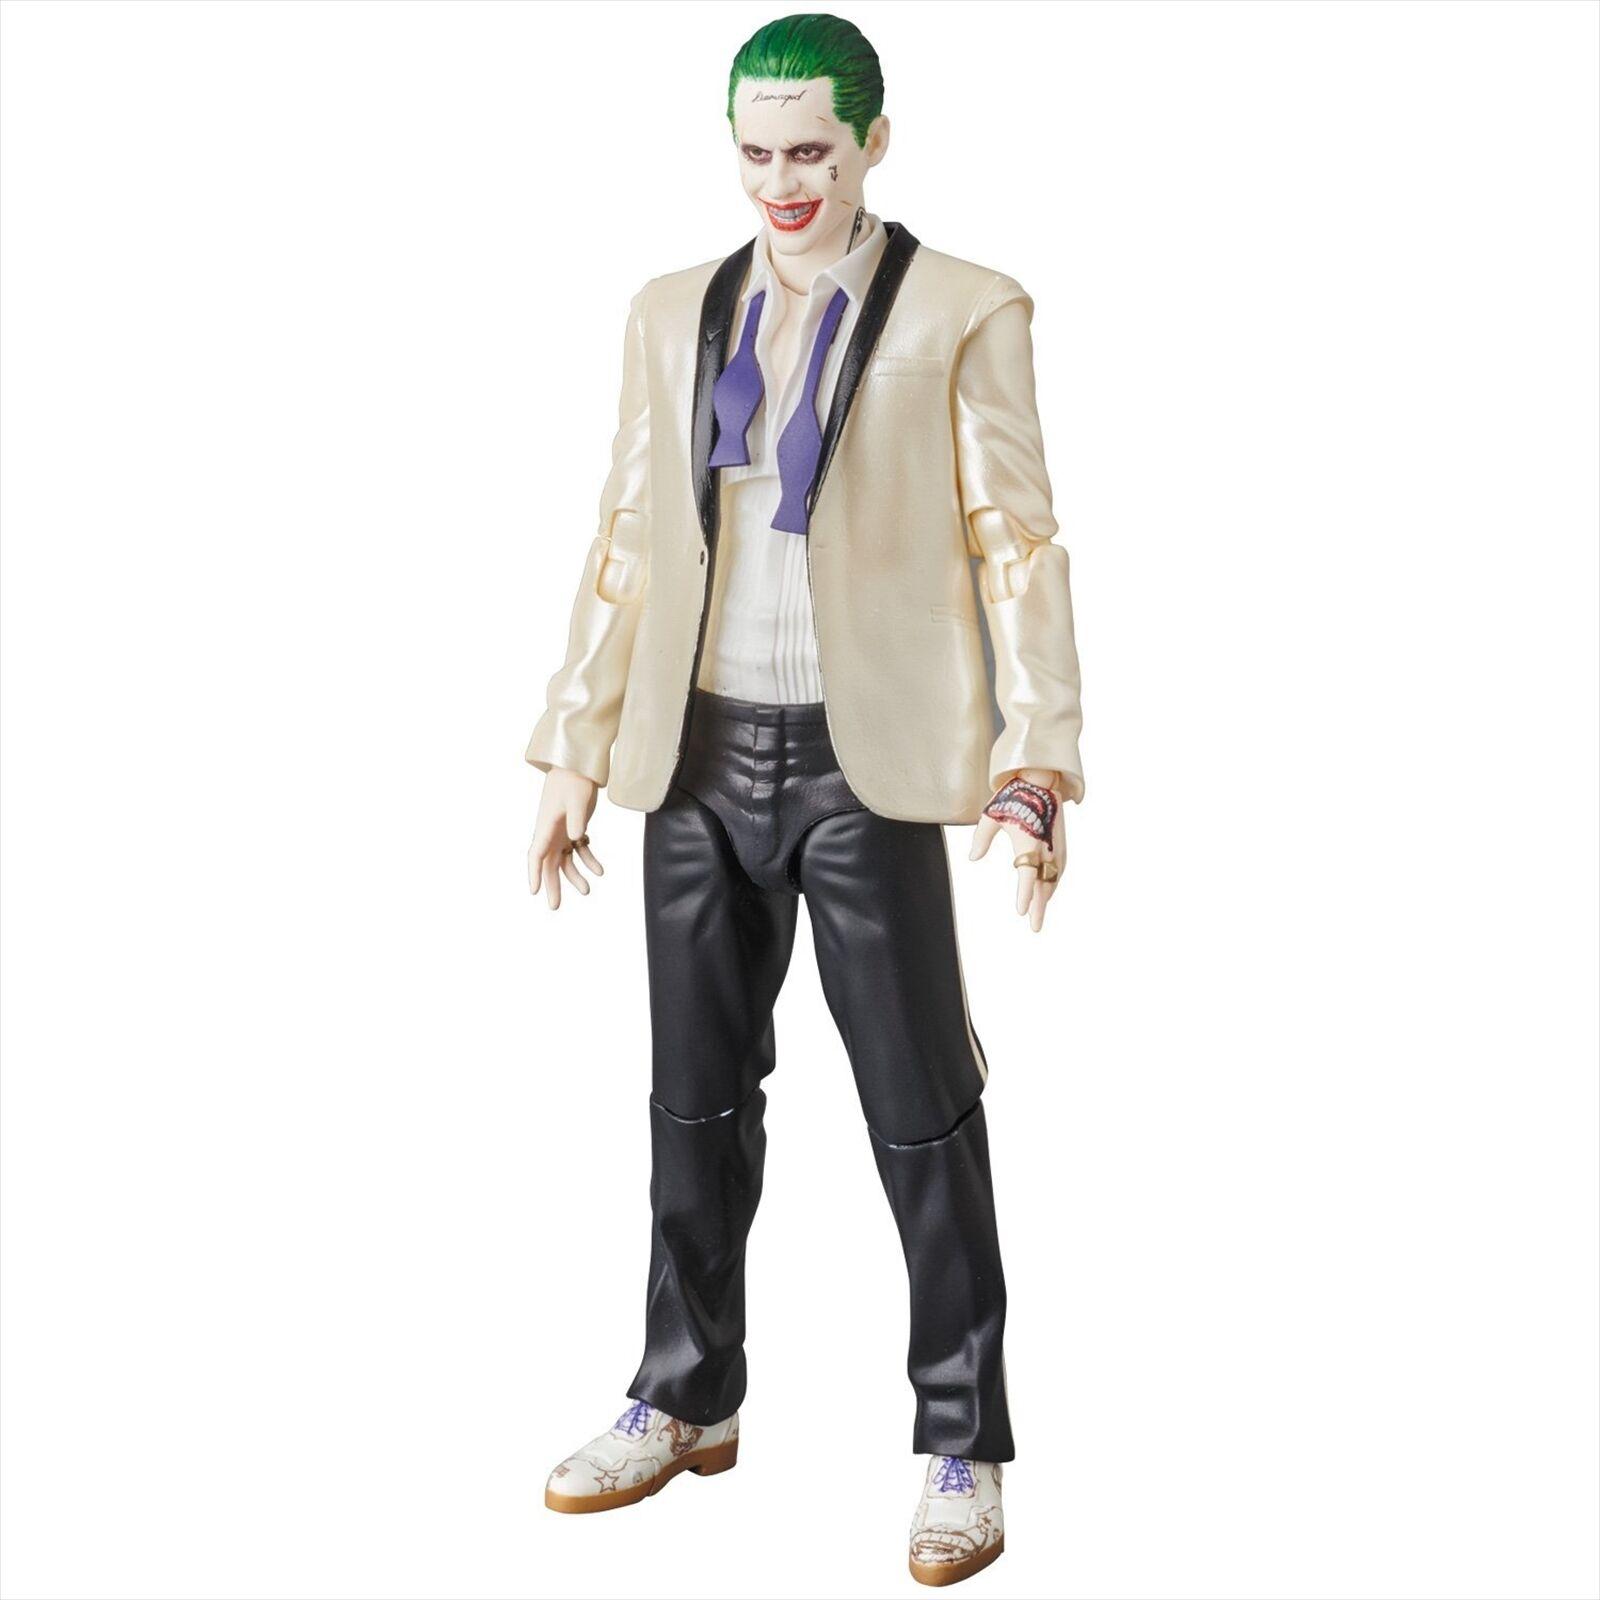 Medicom Medicom Medicom giocattolo Suicide Squad The Joker SUITS Ver. MAFEX azione cifra 2f32e9